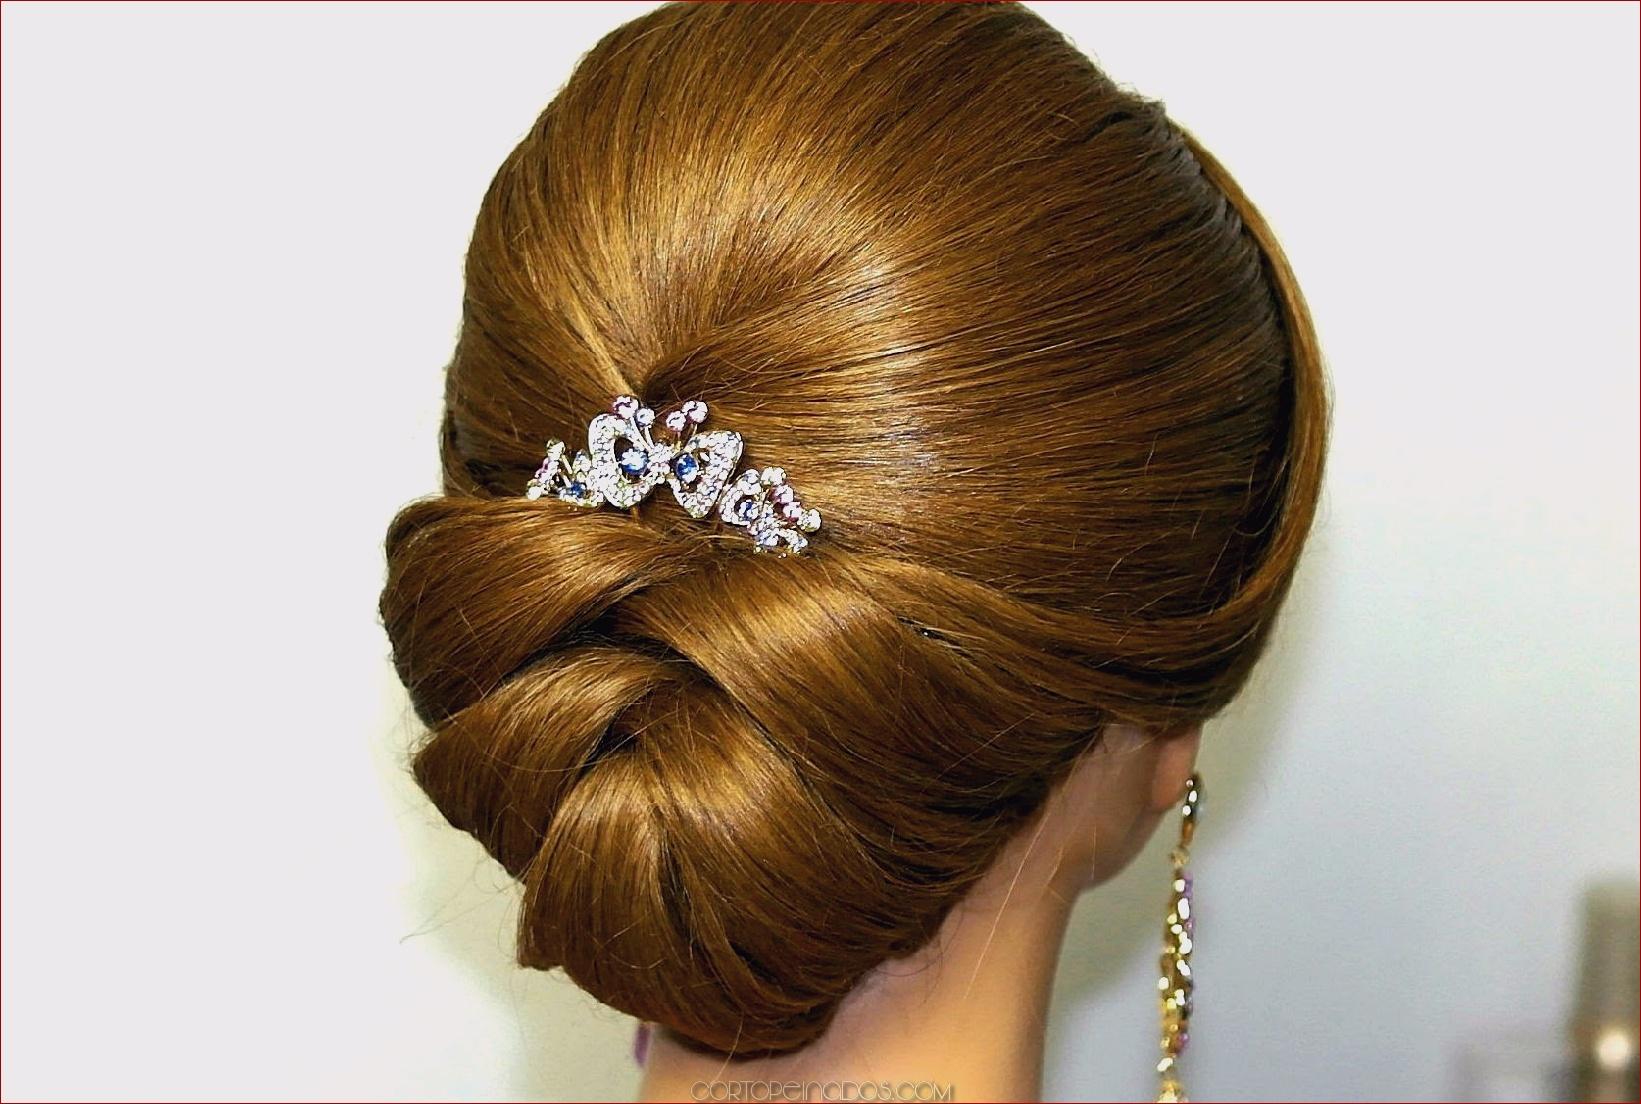 Los 22 peinados más hermosos y elegantes para bodas